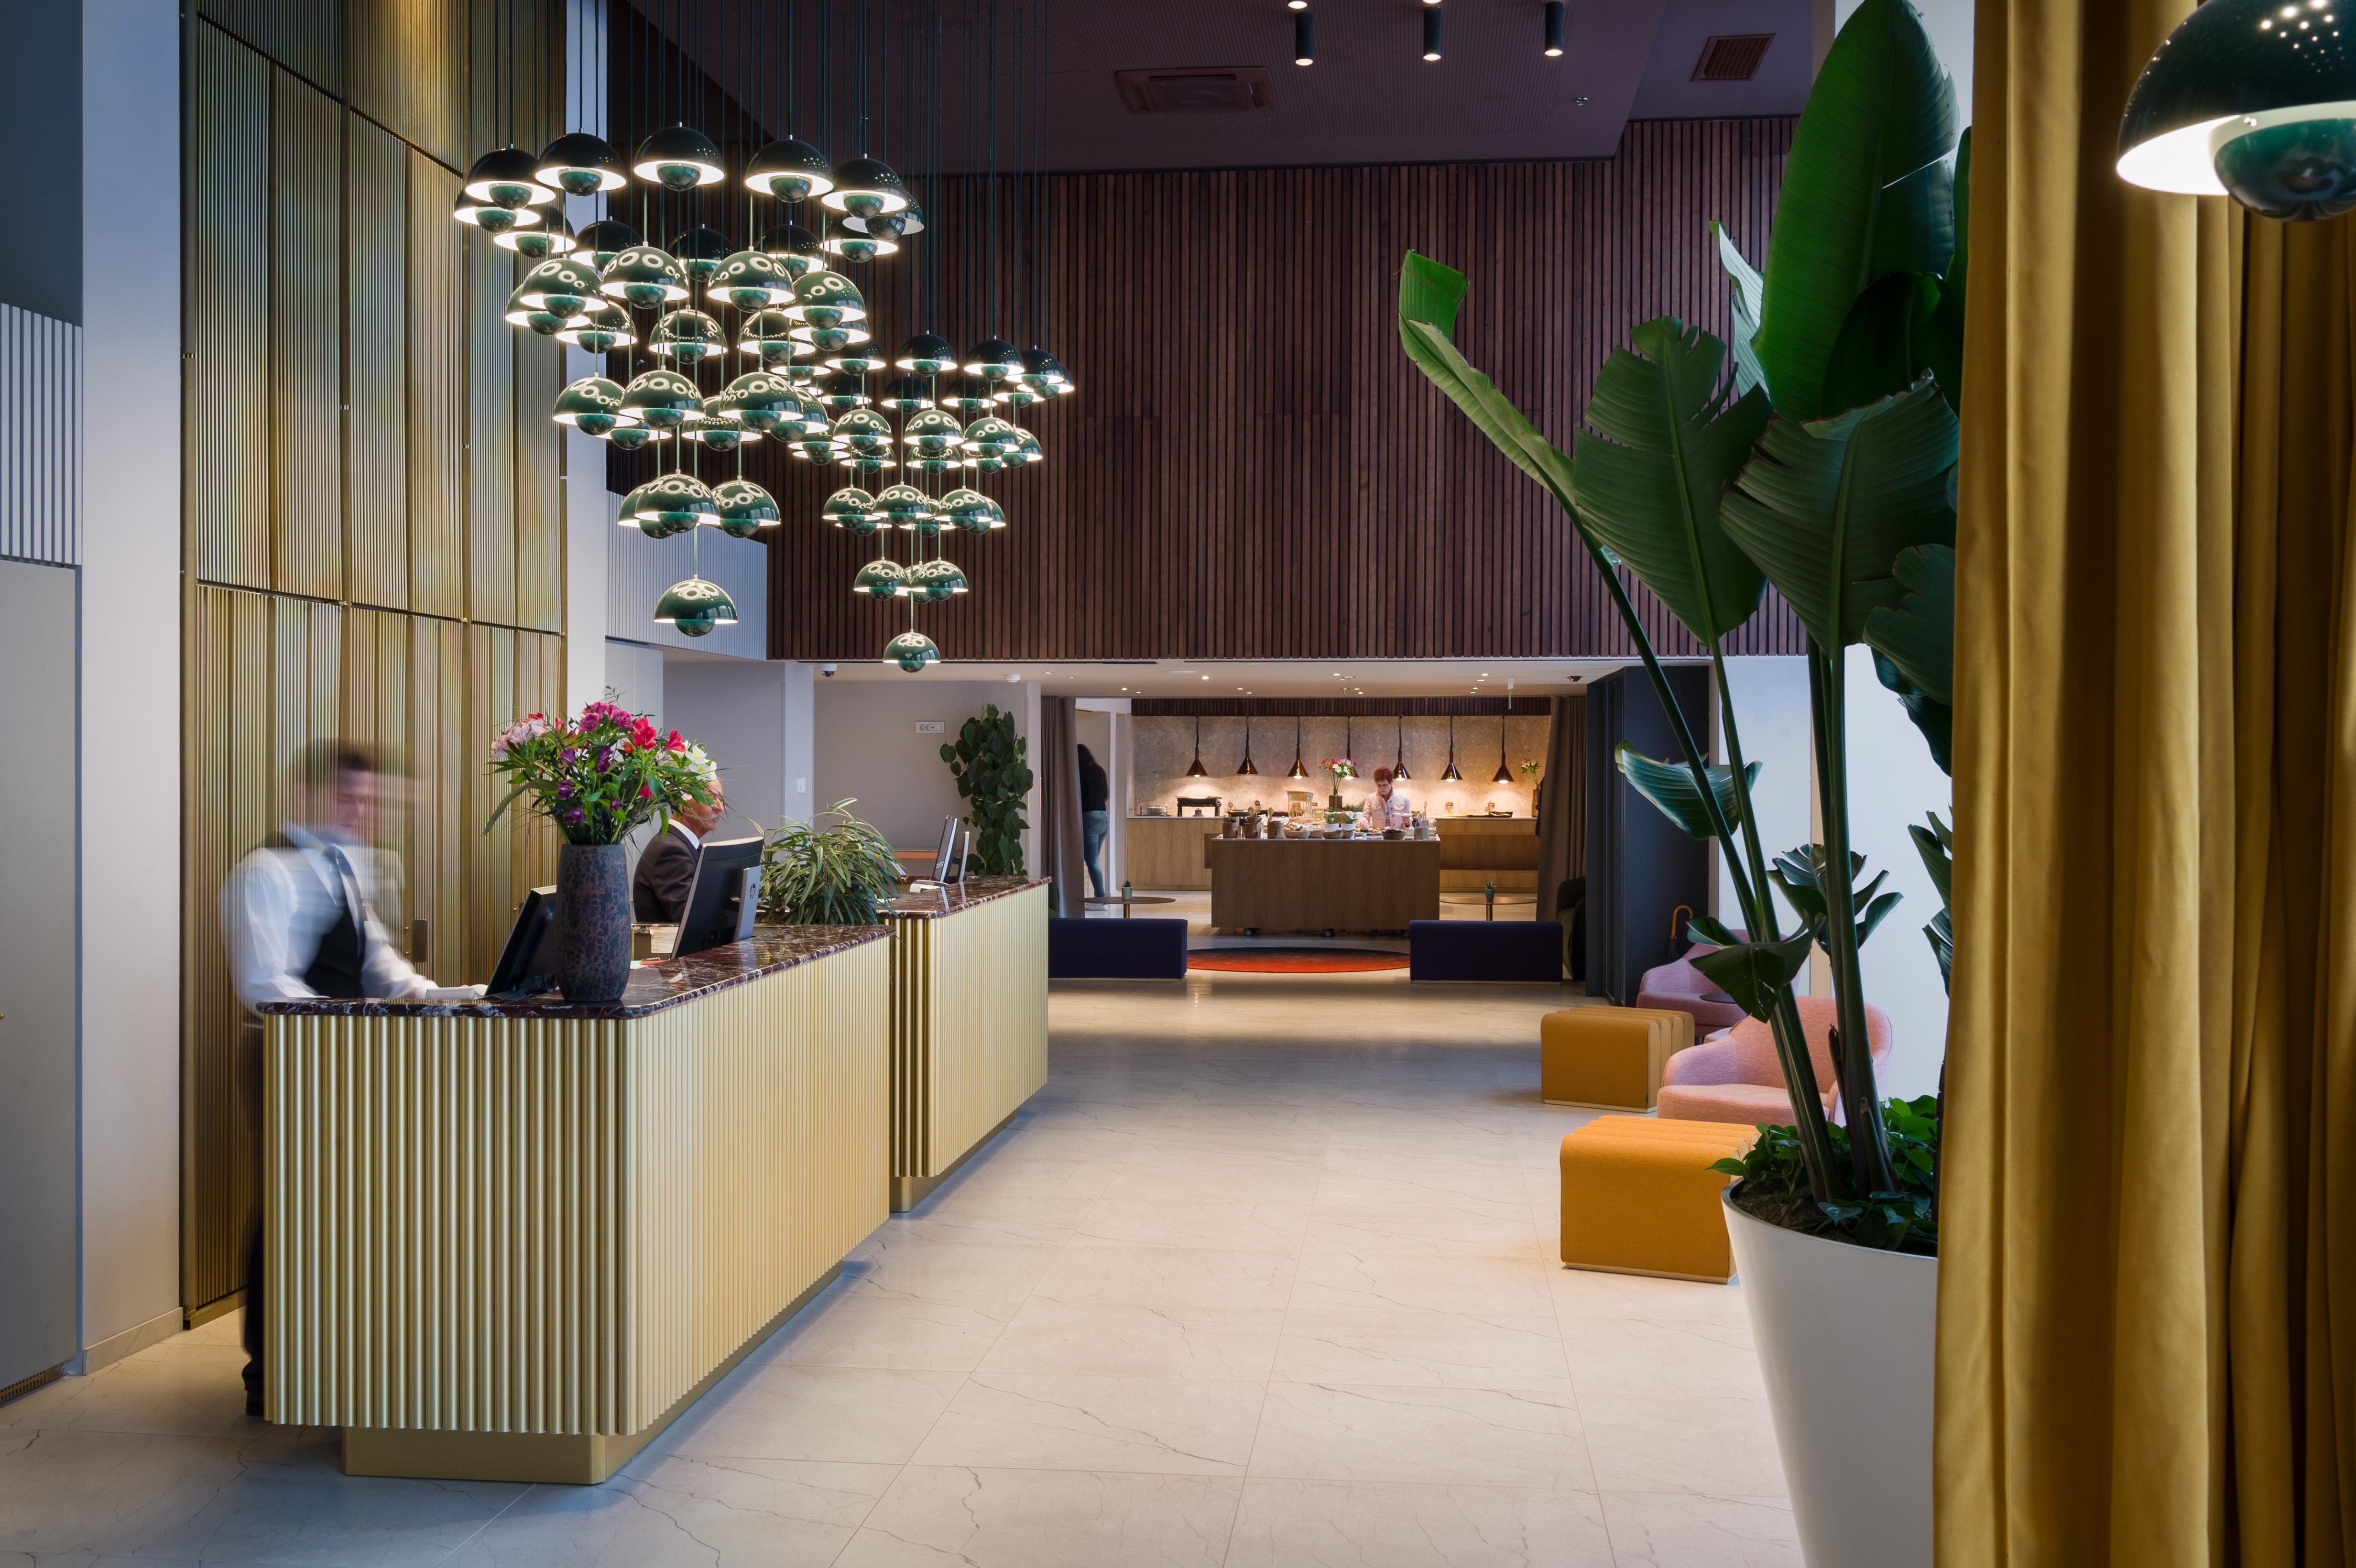 Hotel Lev (BWM Architekten)